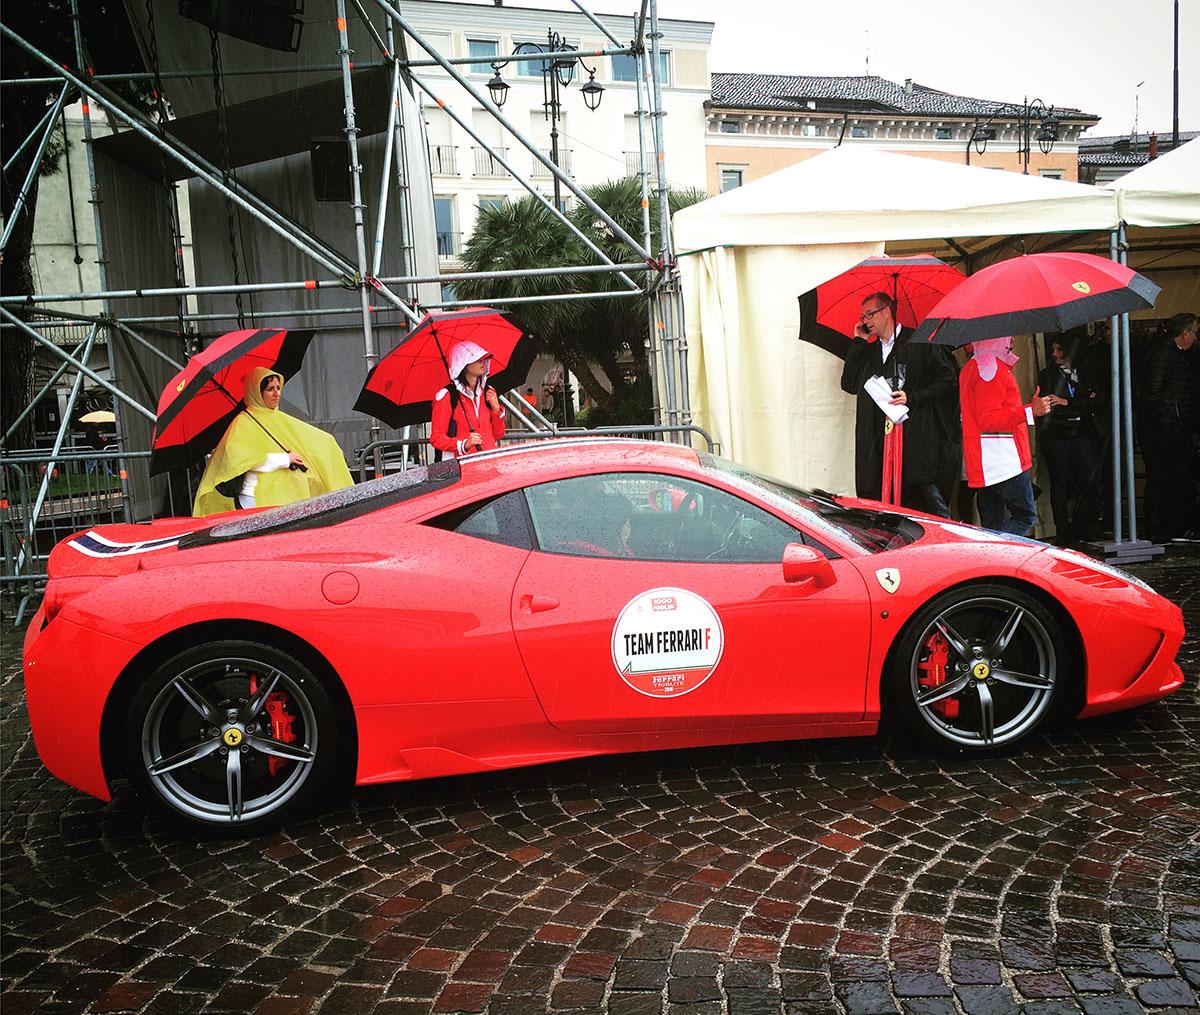 2. Этап стартовал в городке Дезенцано-дель-Гарда и финишировал в Сирмионе.